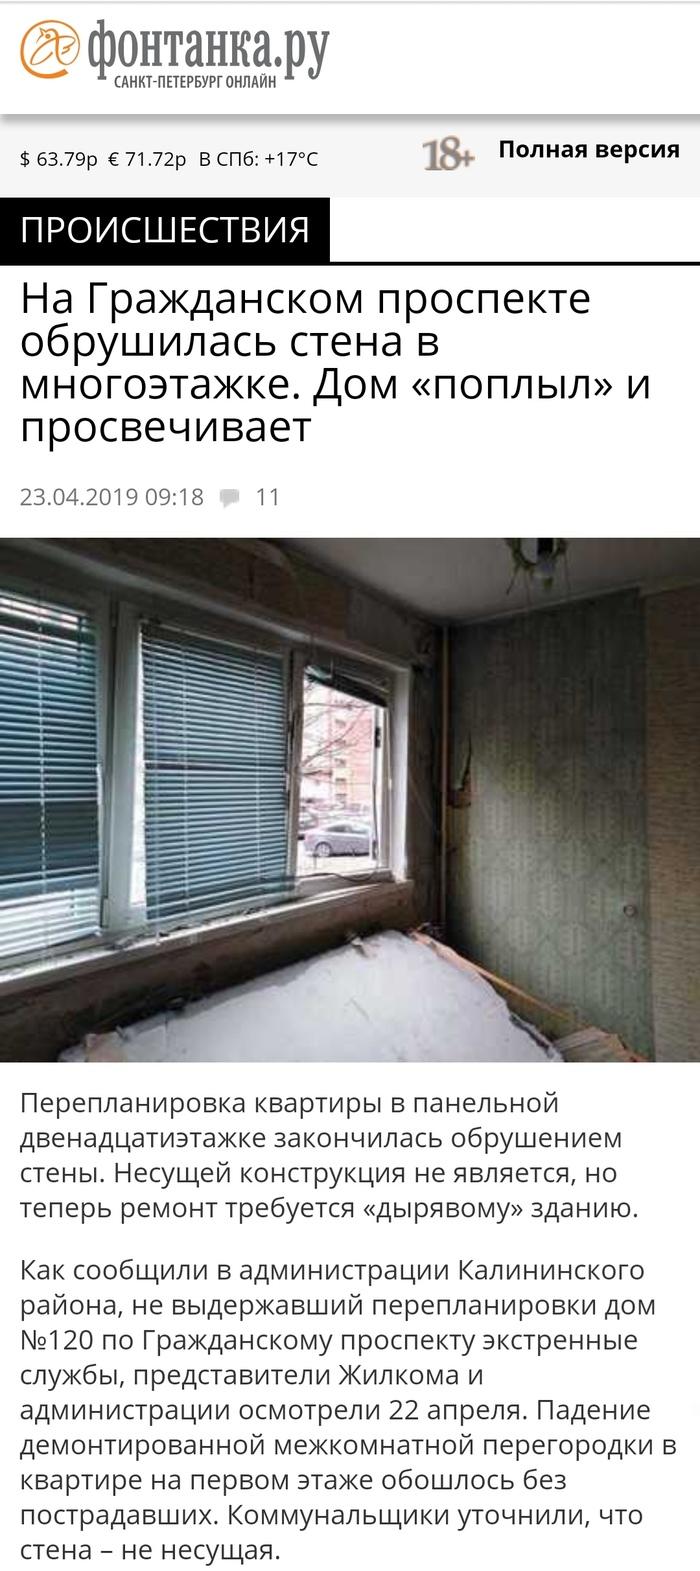 Как не надо делать ремонт - 2 Строительство, Горе строители, Ремонт, Хаос и разрушения, Санкт-Петербург, Видео, Длиннопост, Негатив